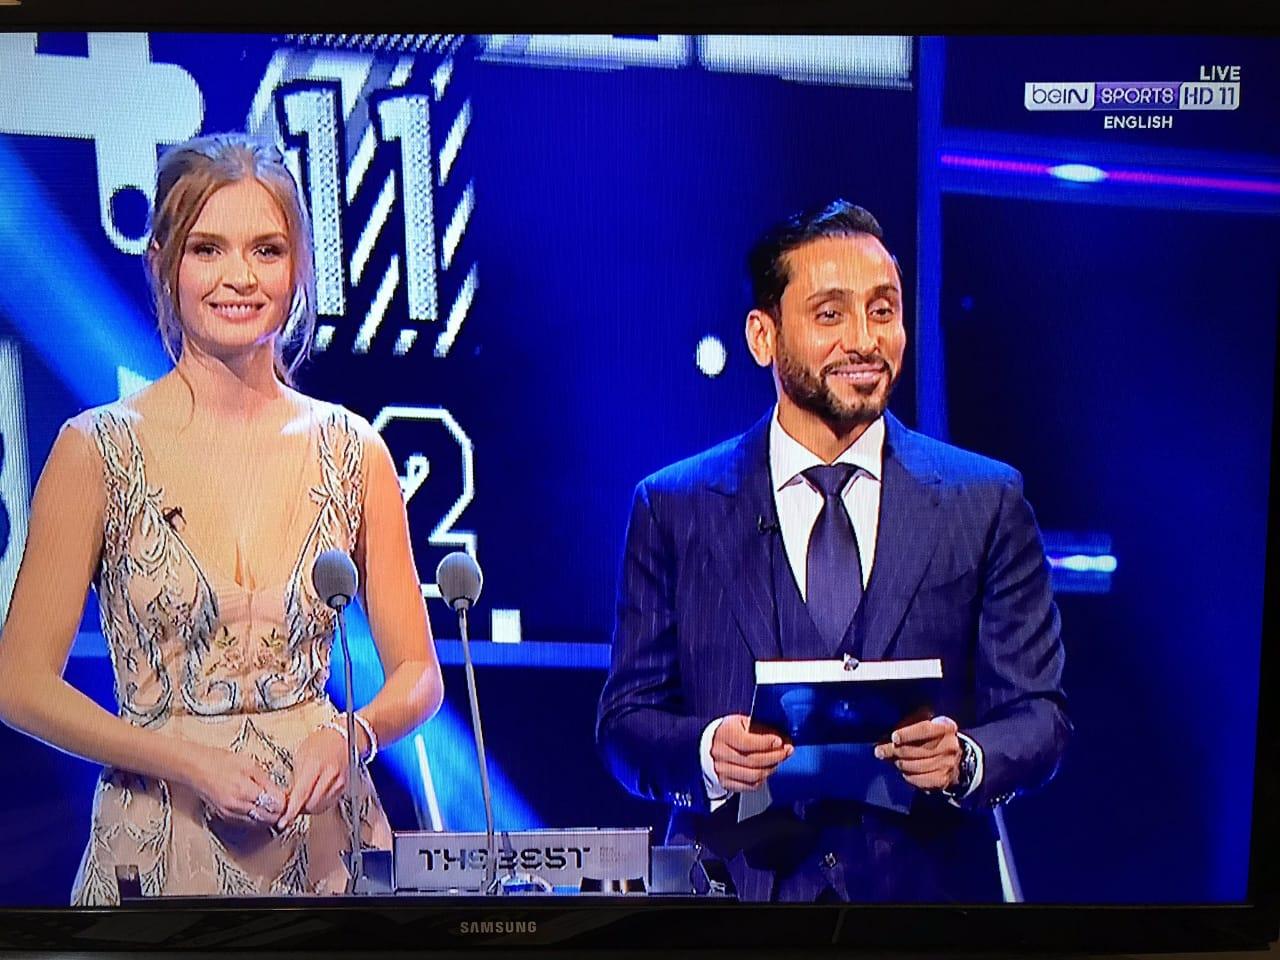 """سامي الجابر  يظهر في حفل """"الفيفا"""" ويعلن عن جائزة أفضل جمهور"""